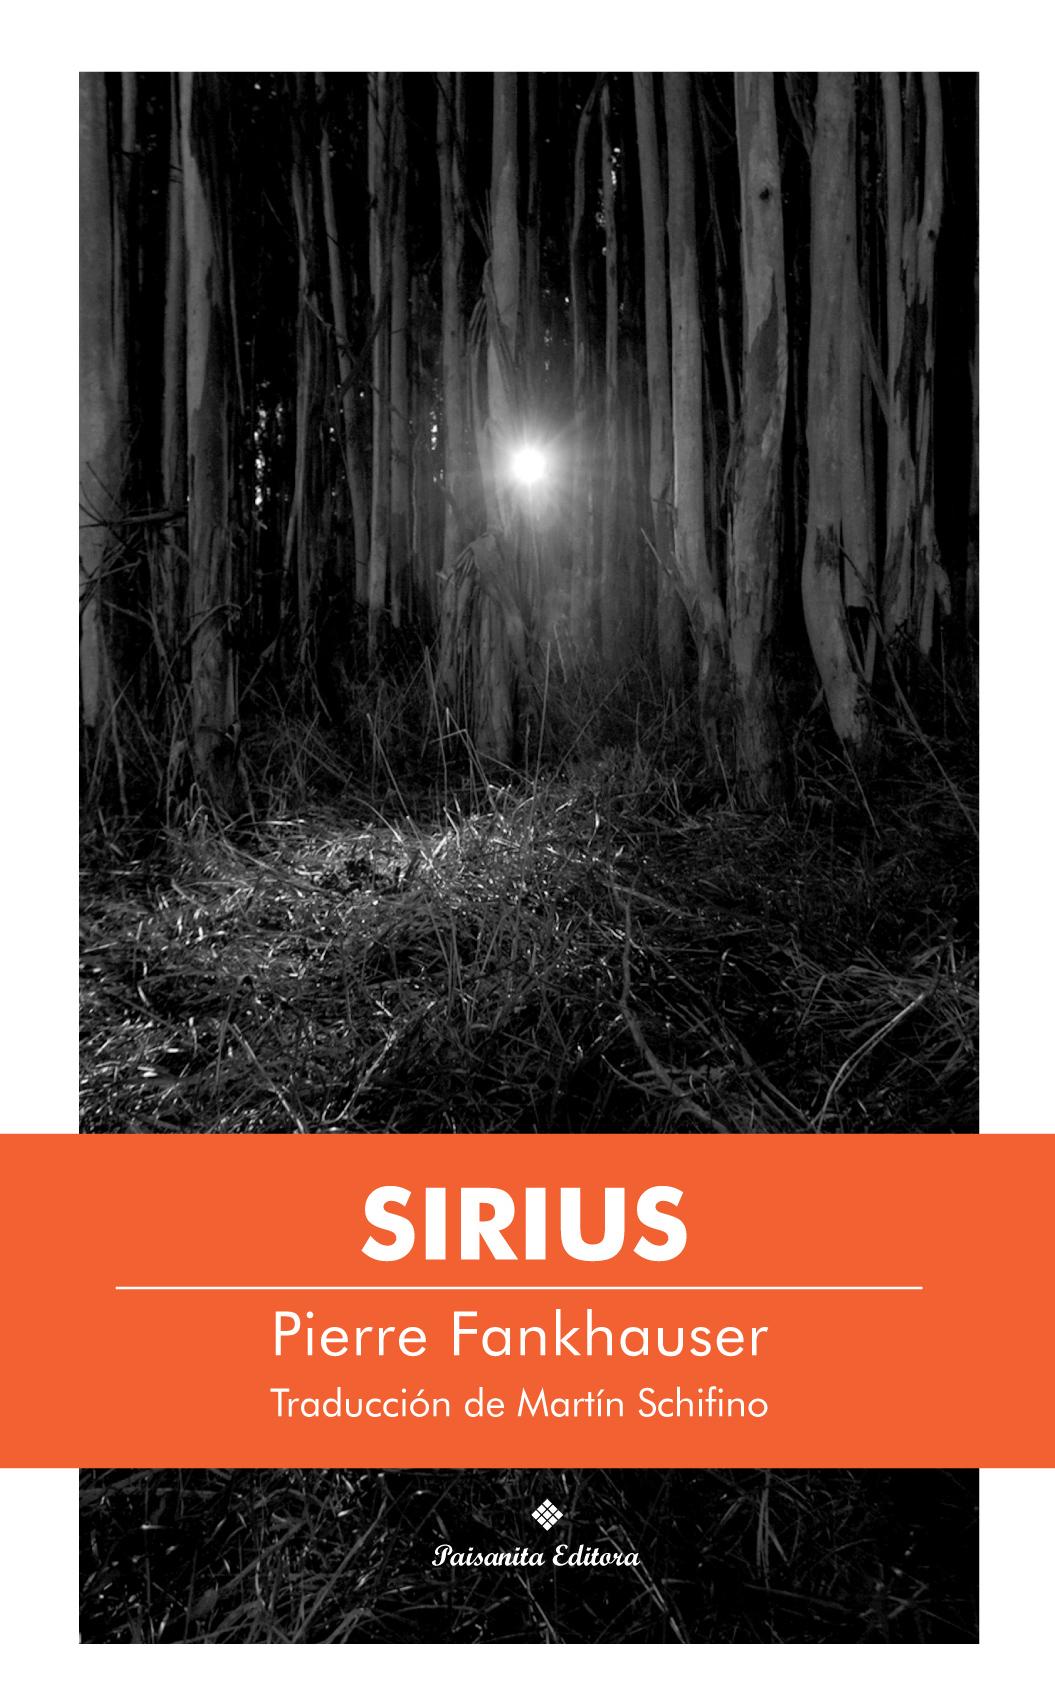 Sirius dans Otra parte